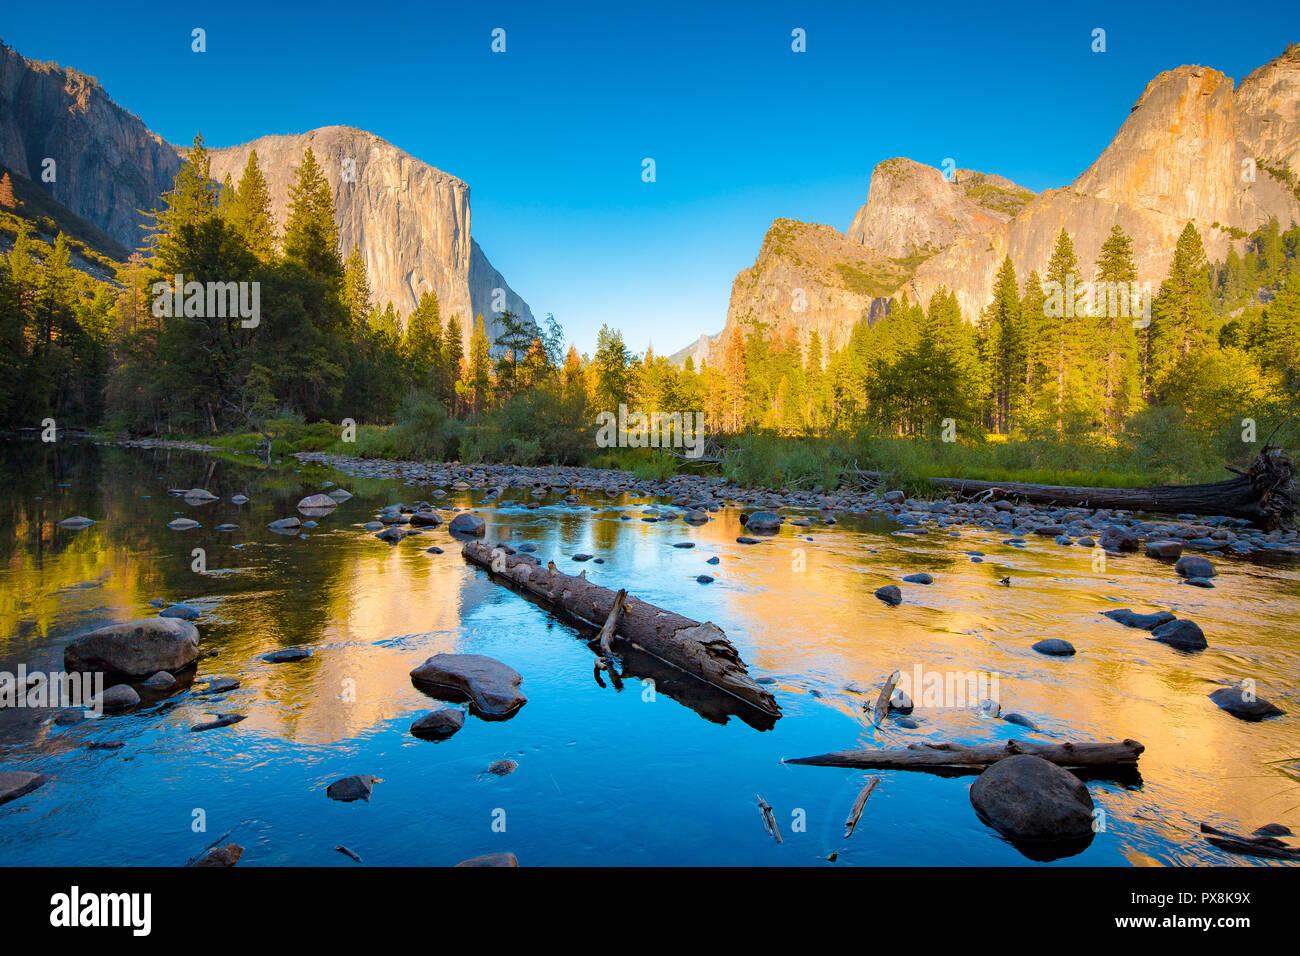 Klassische Ansicht der malerischen Yosemite Tal mit den berühmten El Capitan klettern Gipfel und idyllische Merced River bei Sonnenuntergang, Kalifornien, USA Stockbild